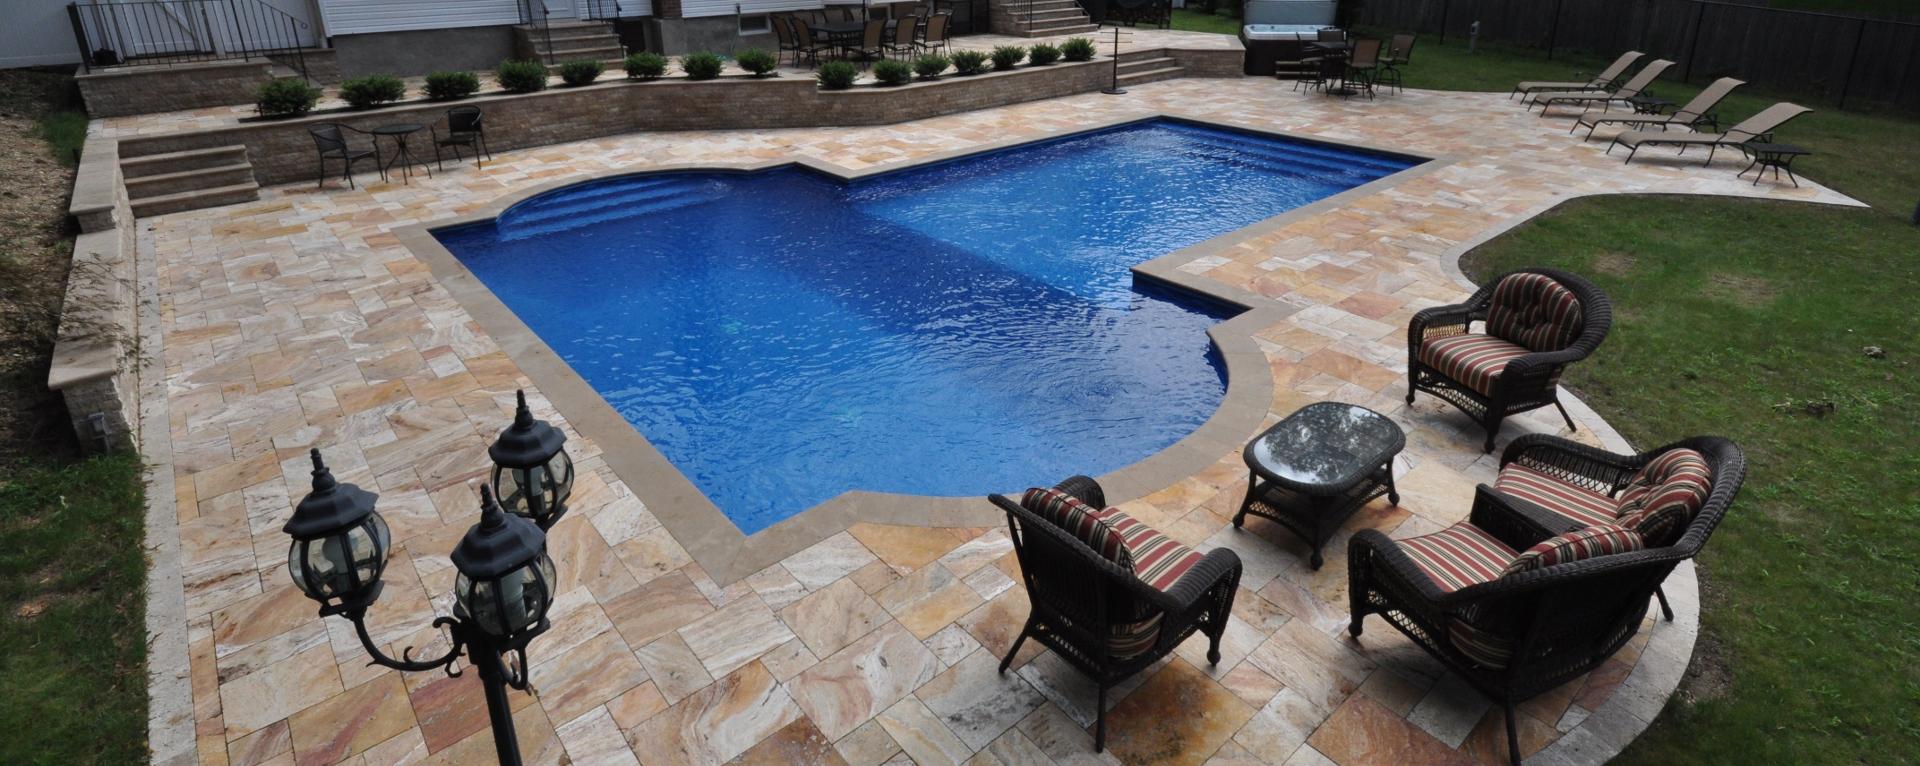 Pool pavers  Swimming pool decking  Coping  long Island